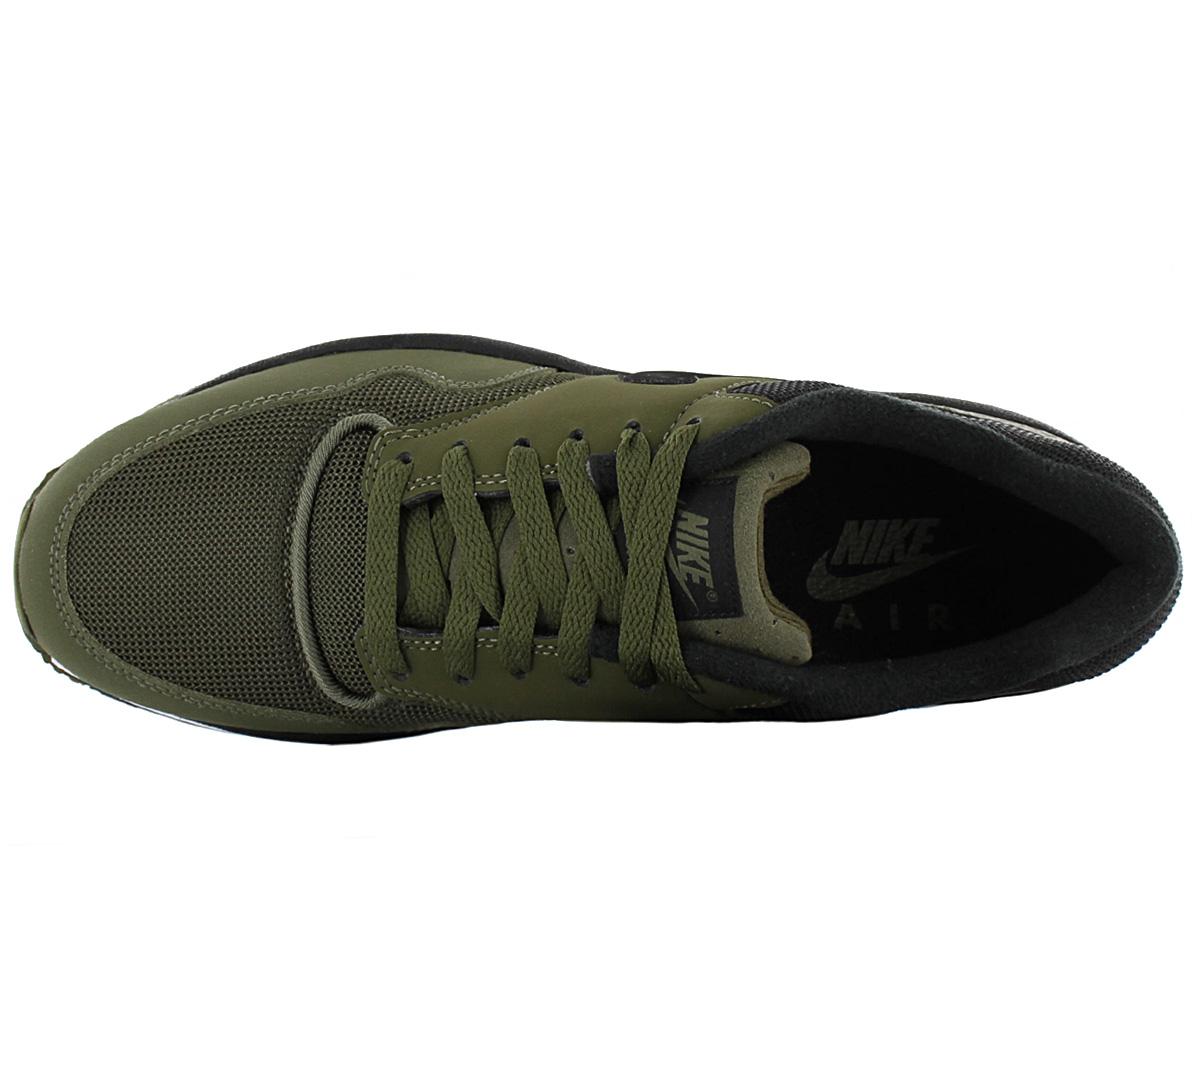 NIKE AIR SAFARI Herren Sneaker 371740 304 Oliv Grün Schuhe